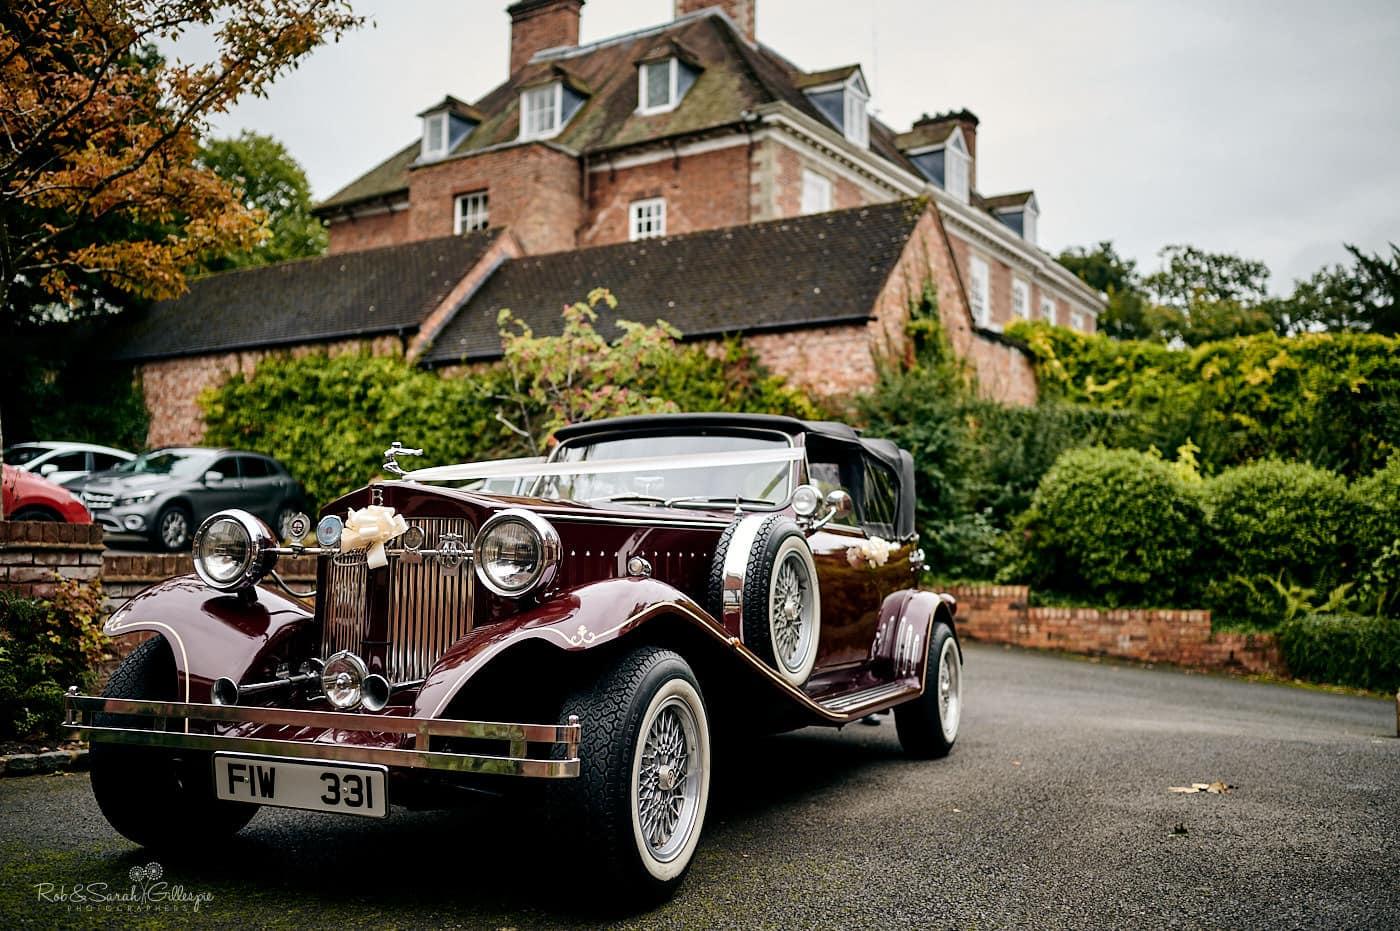 Soft-top wedding car